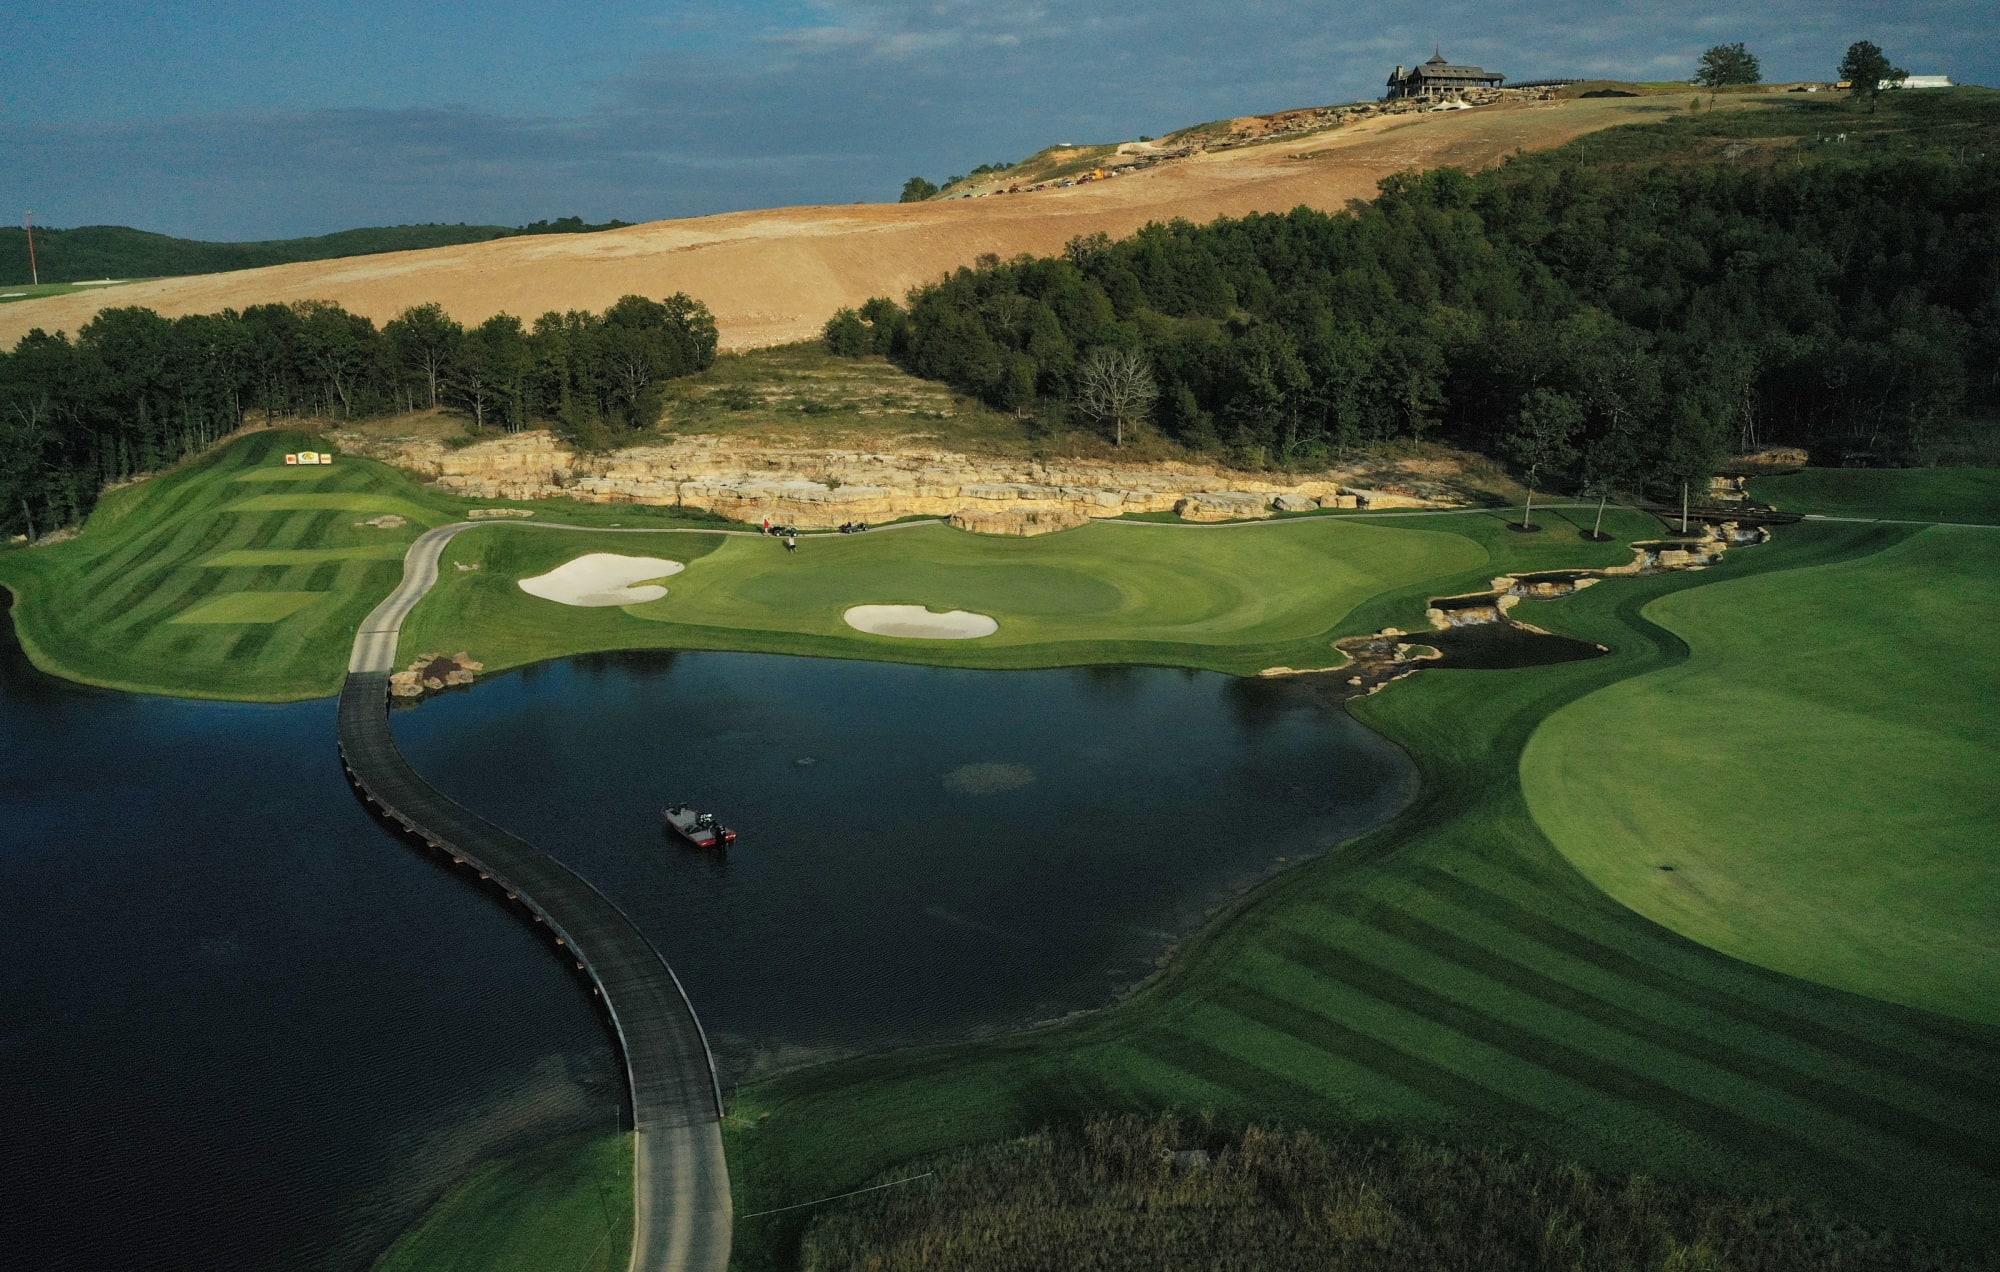 Popular Golf Scoring Formats